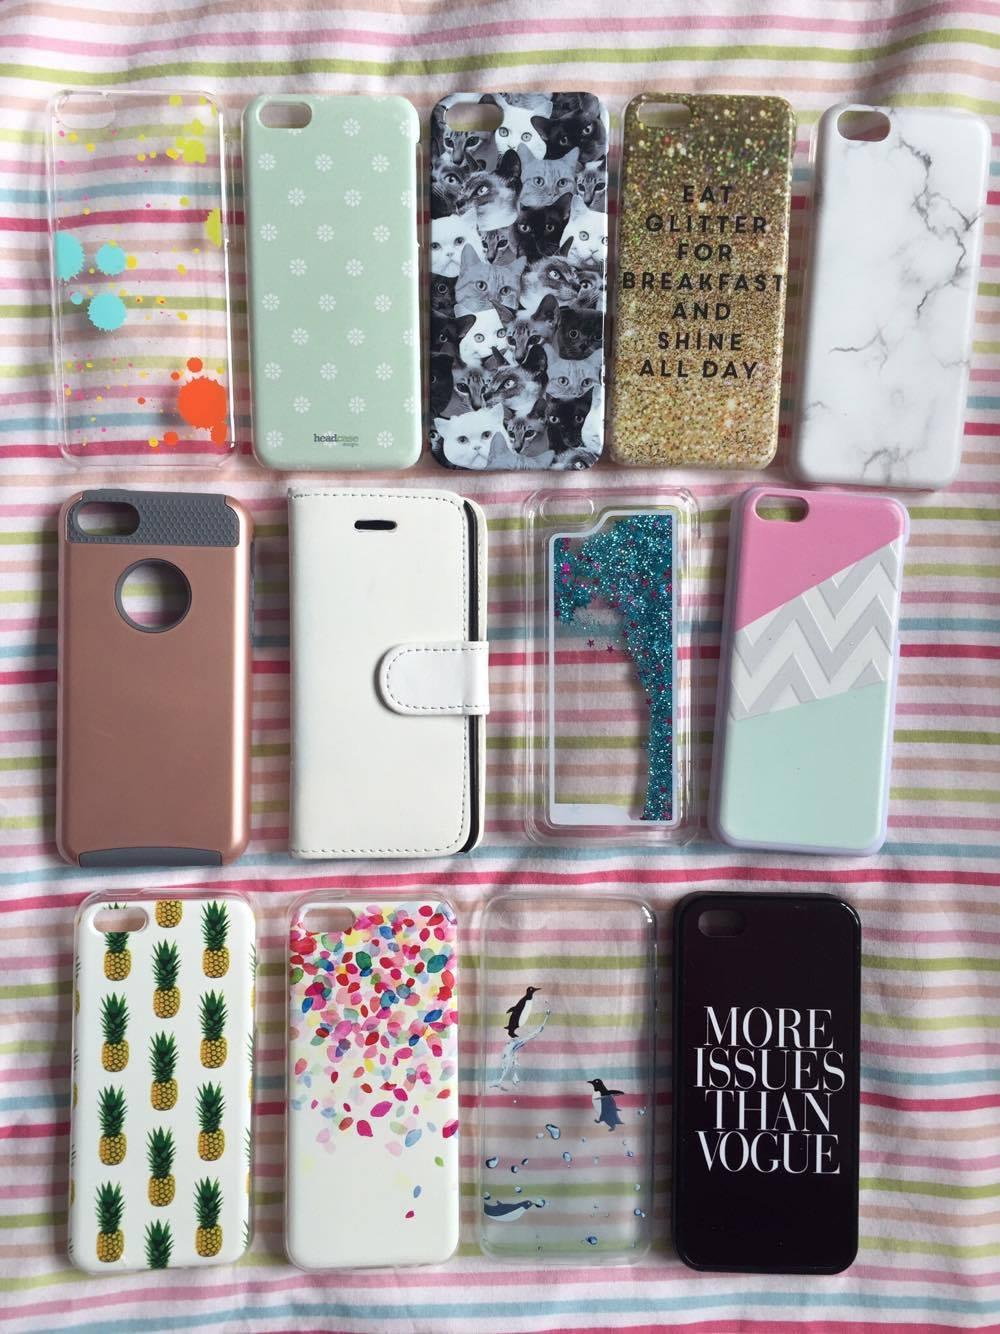 iPhone 5c case bundle for sale.